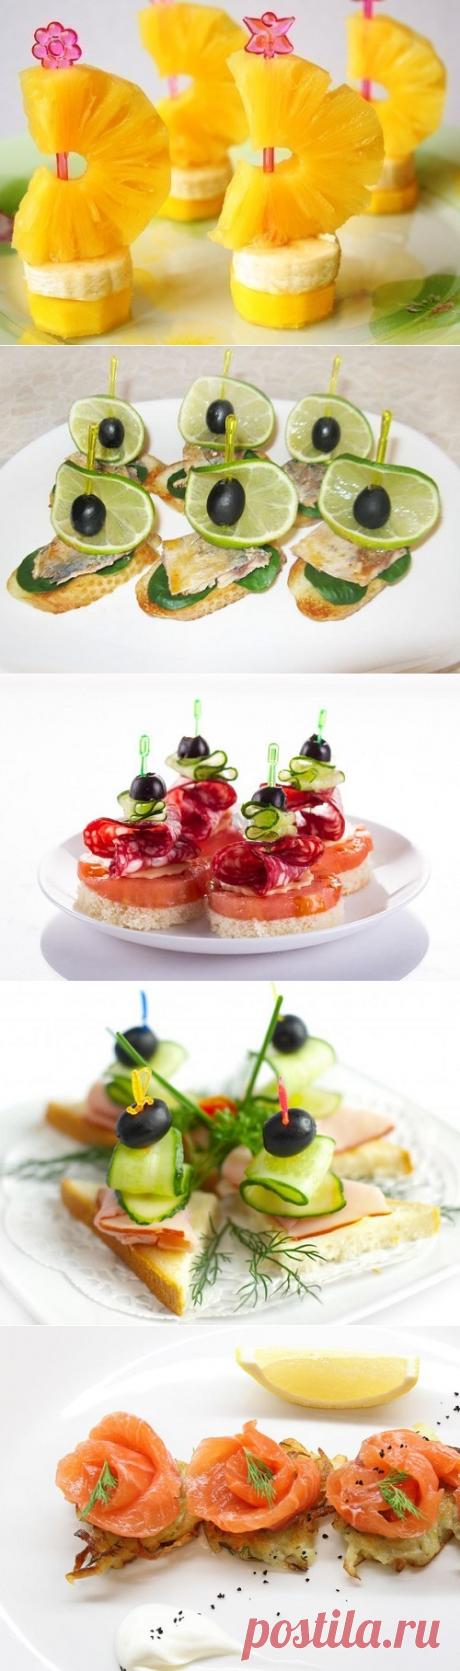 Закуска для любого стола! 9 рецептов канапе — Вкусные рецепты